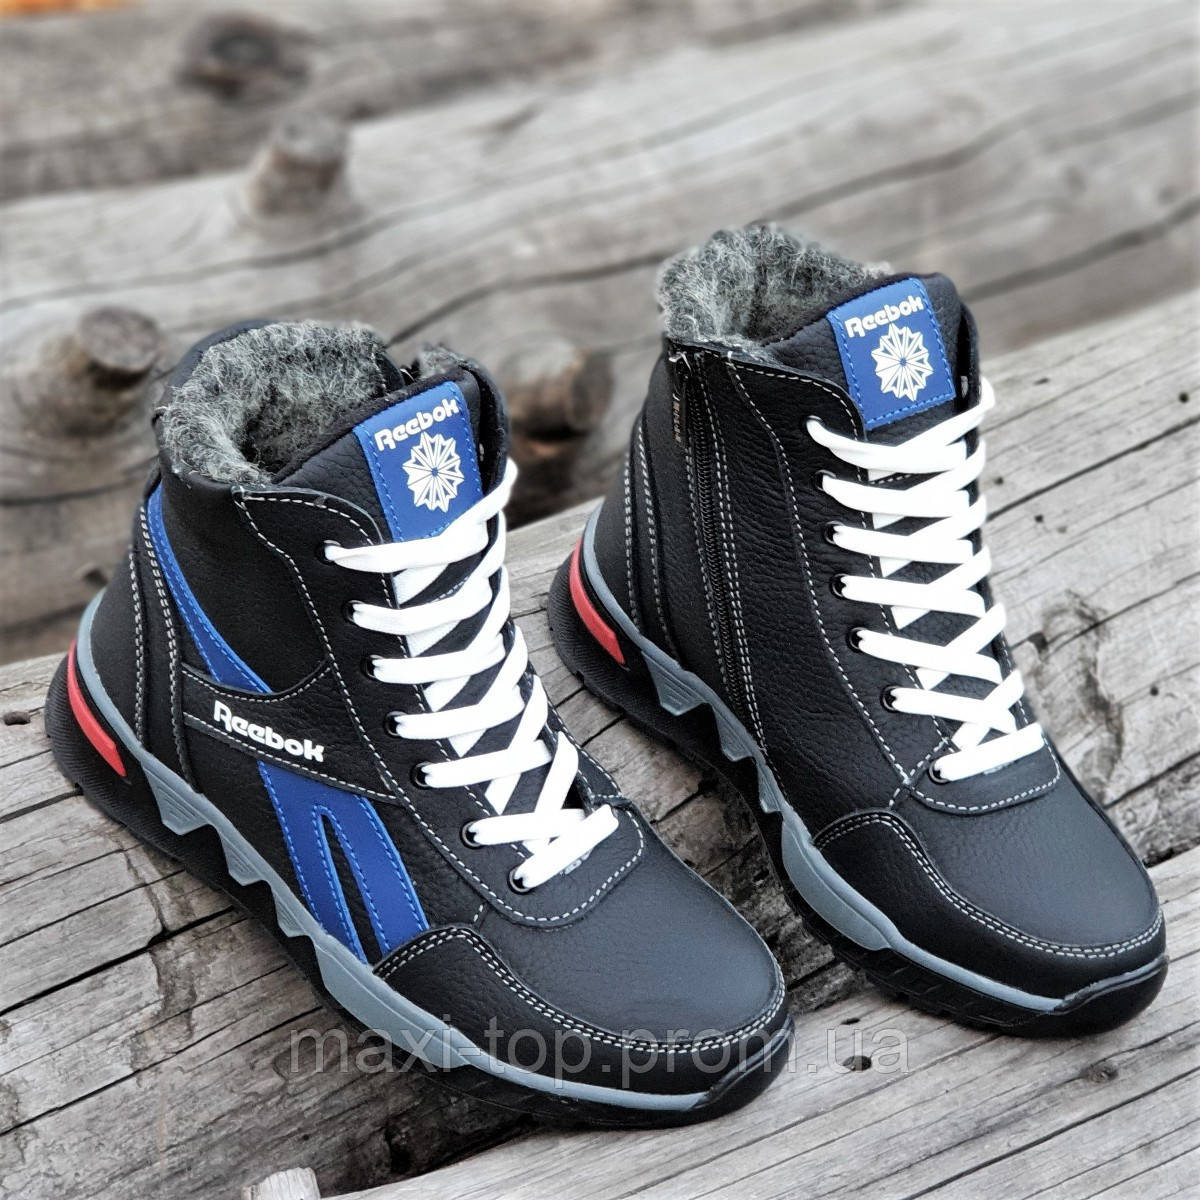 4964649afaf8 Подростковые зимние высокие кроссовки ботинки Reebok реплика мужские кожаные  черные на меху (Код  М1255a